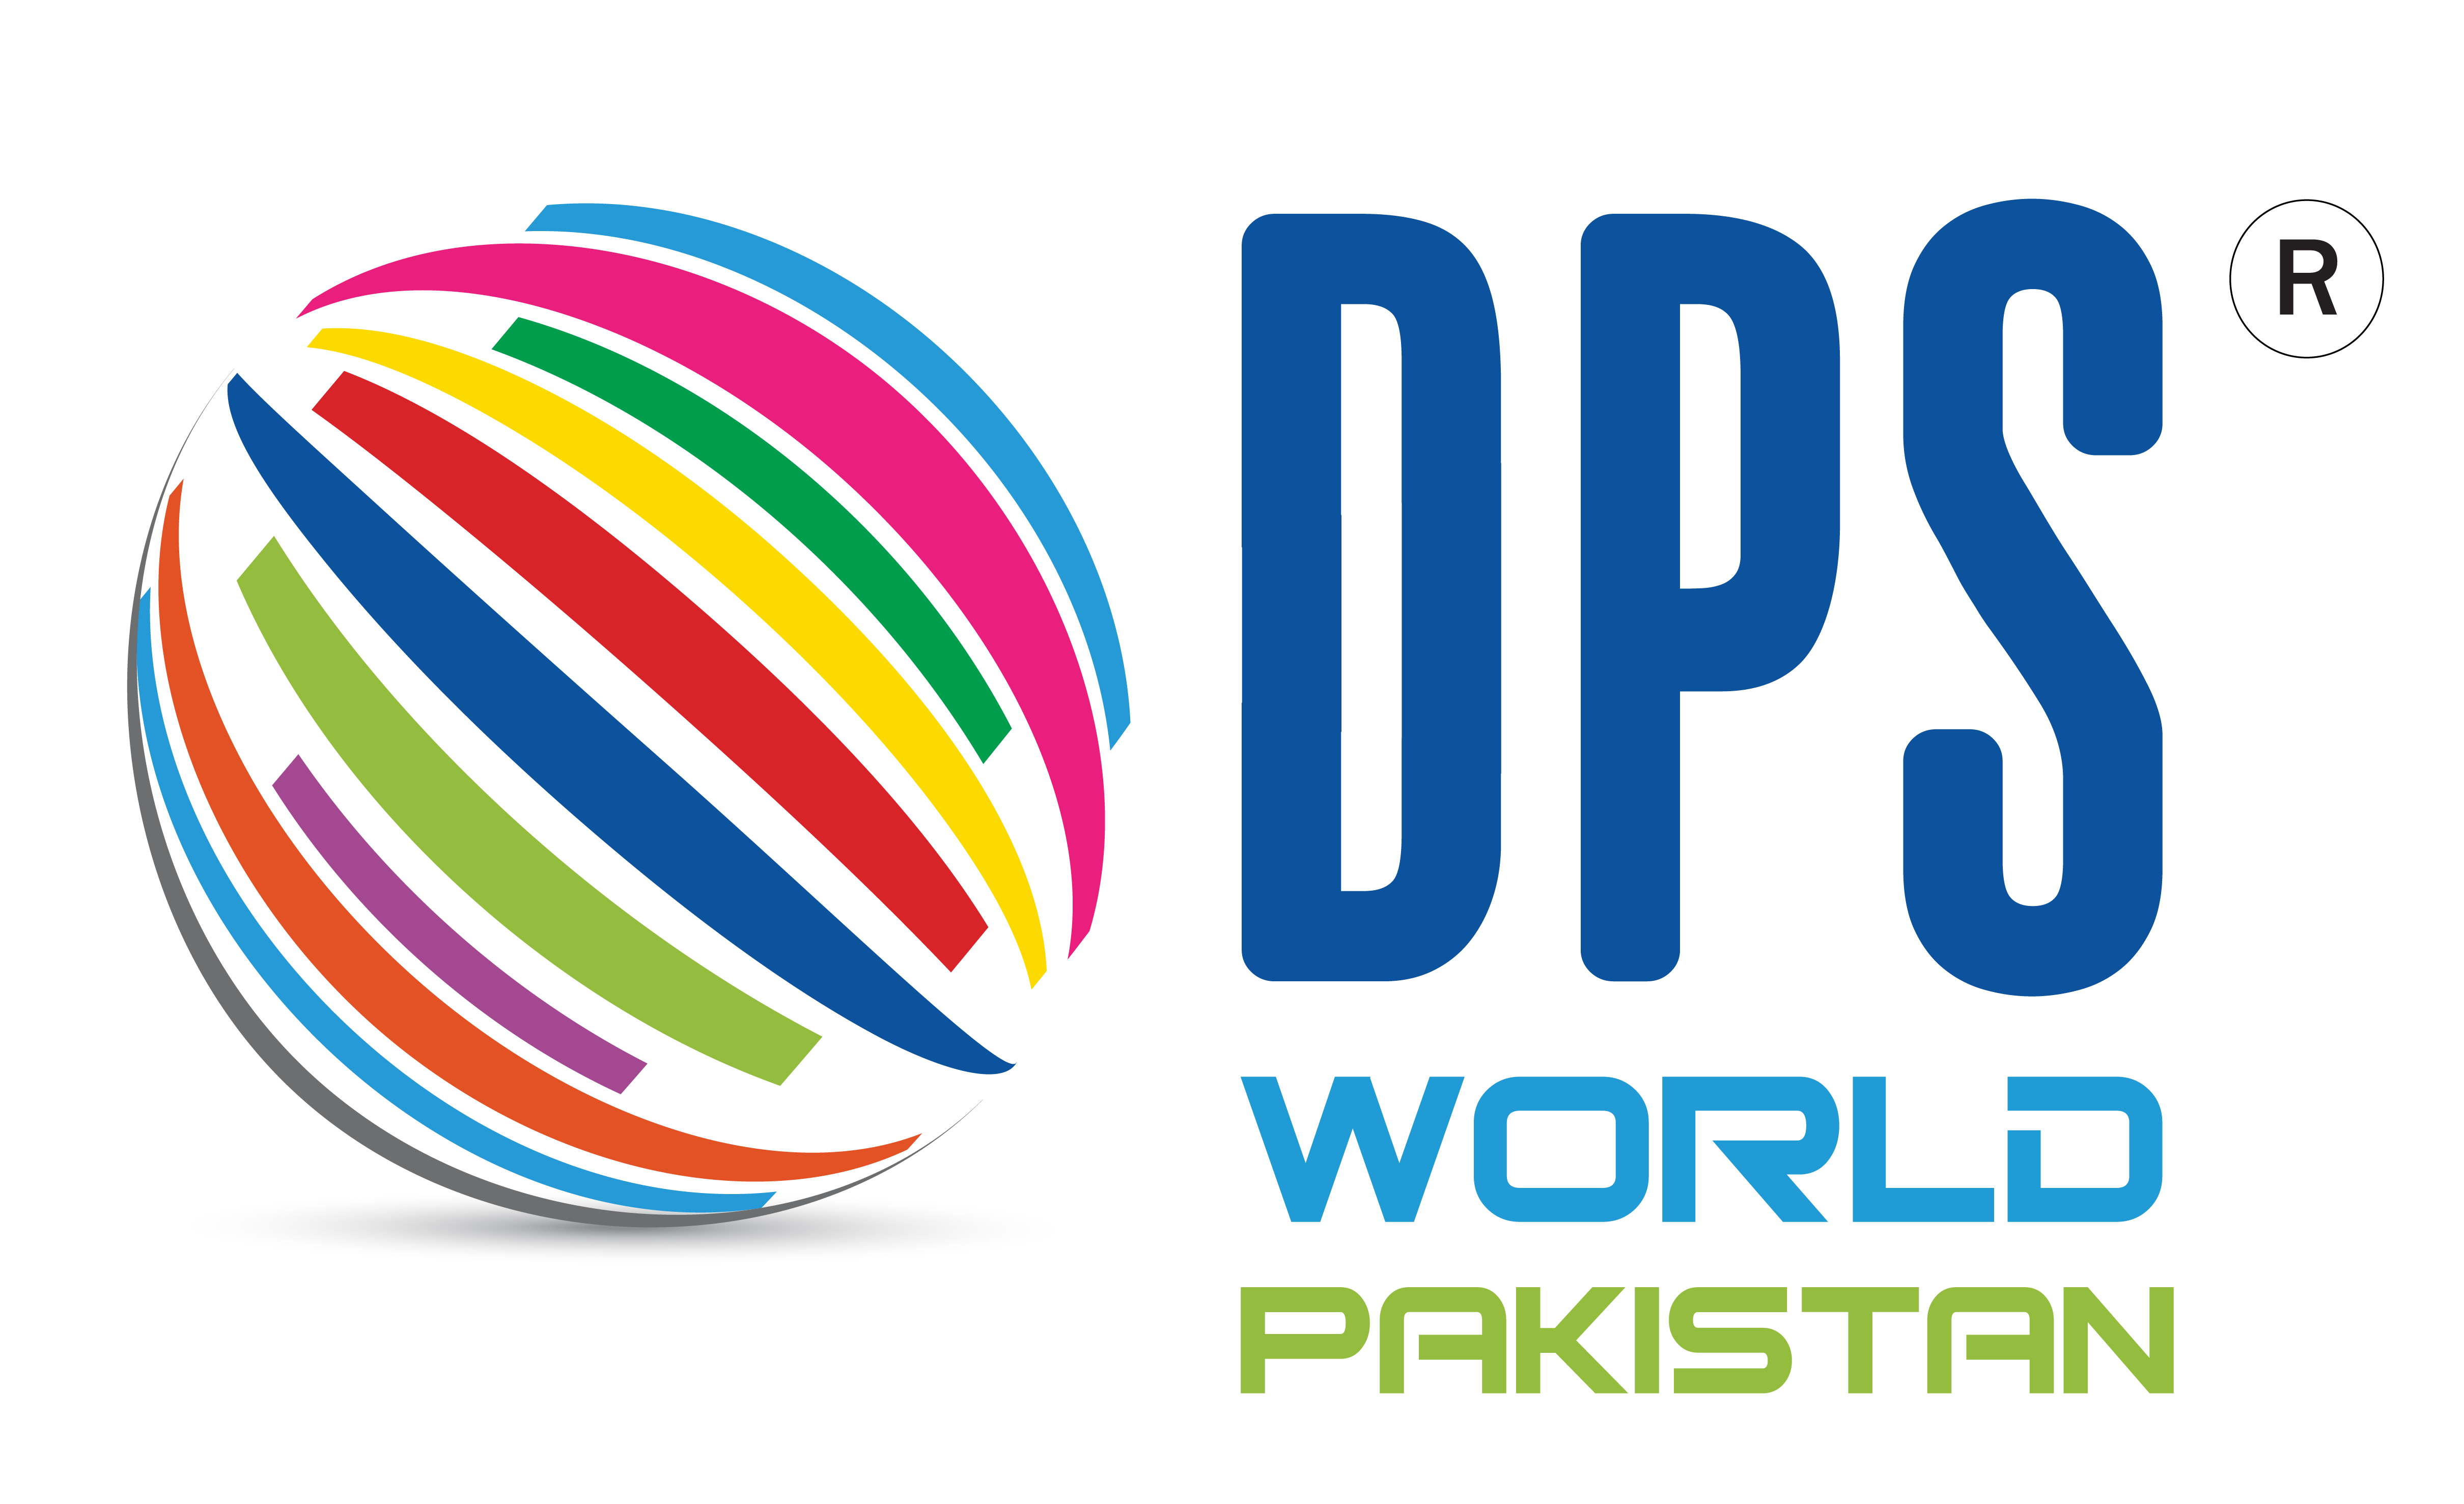 DPS WORLD PAKISTAN FINAL-03